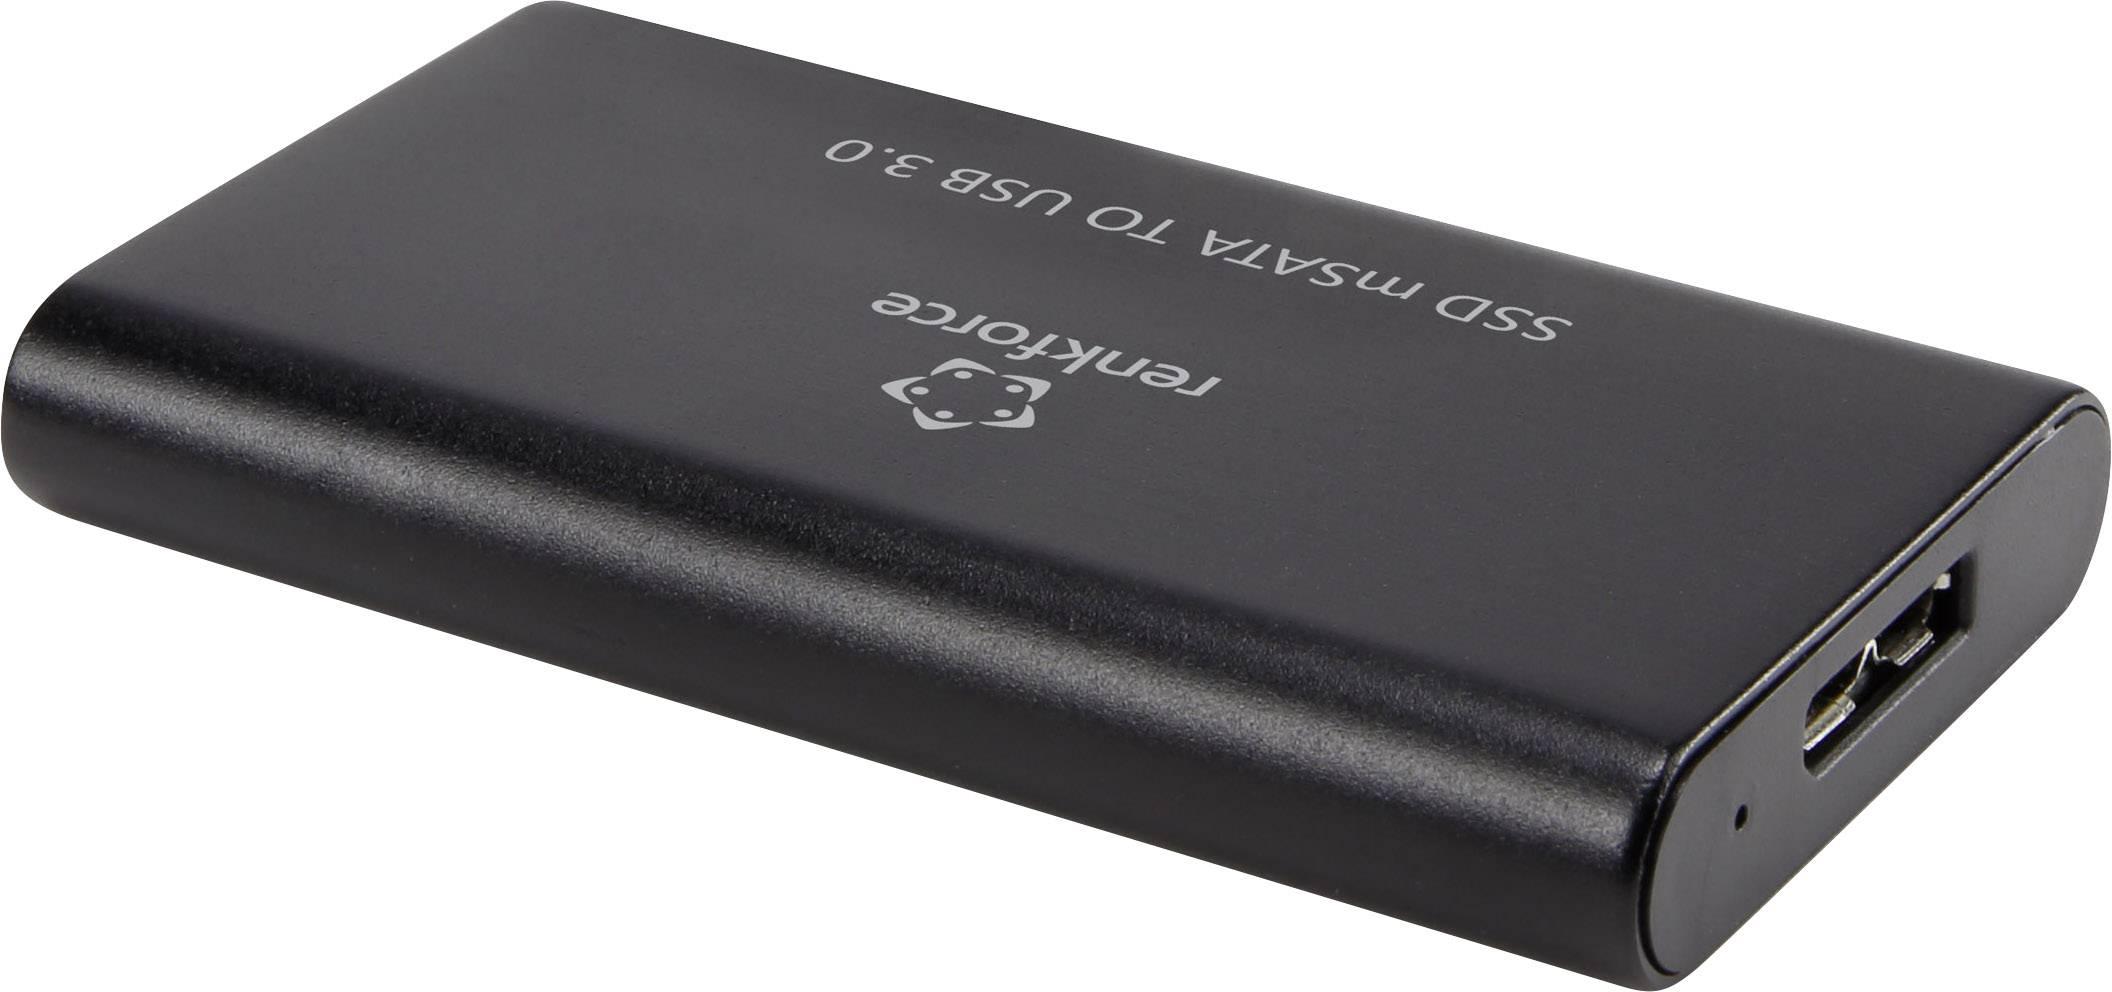 MSATA pouzdro Renkforce BS-MSATA, USB 3.0